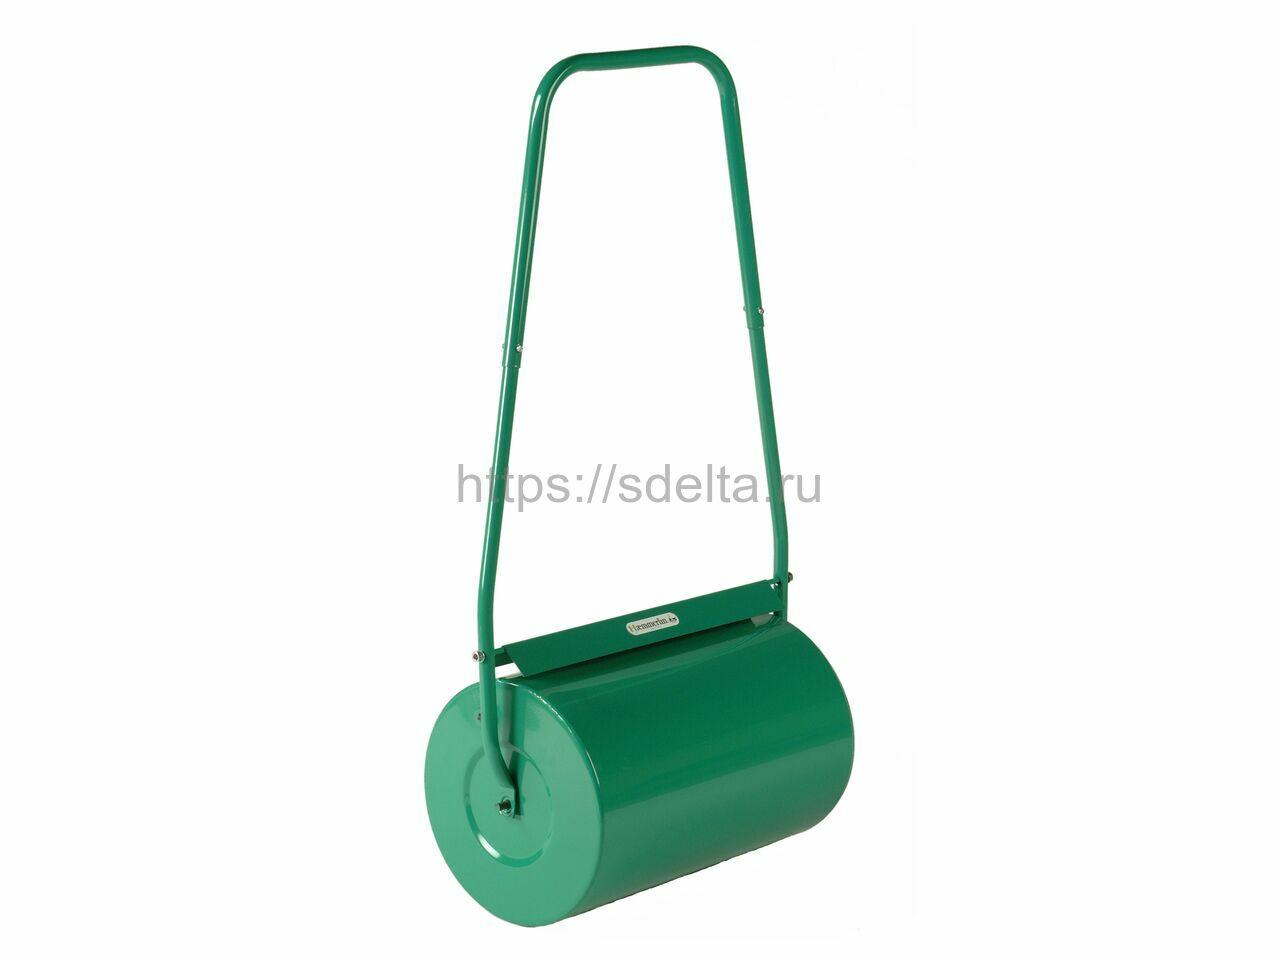 Валик для газона 49 см